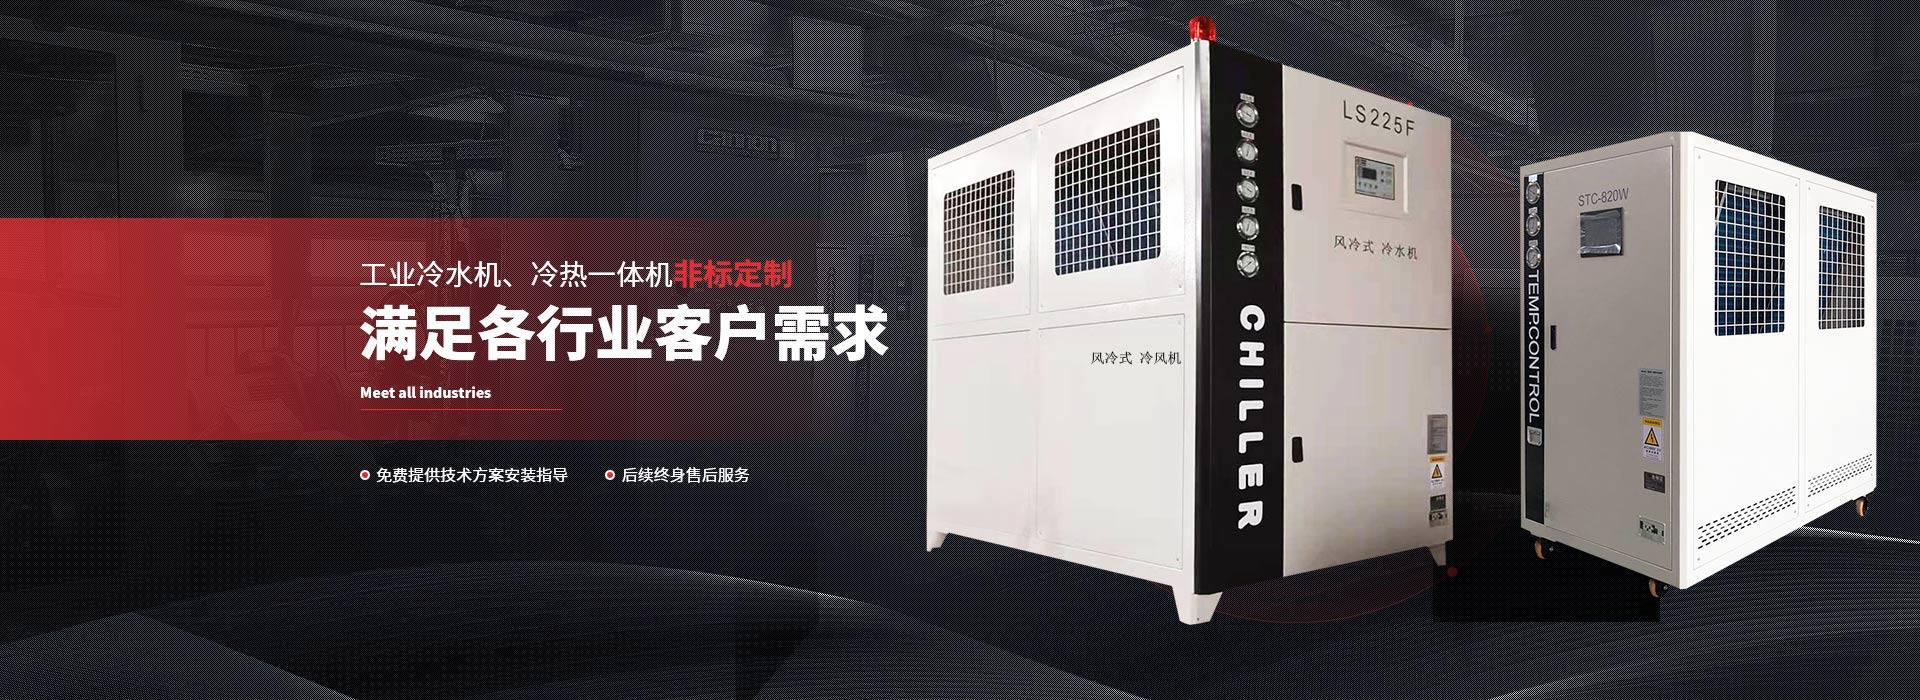 环谐机械 工业冷水机  冷热一体机非标定制  满足各行业客户需求